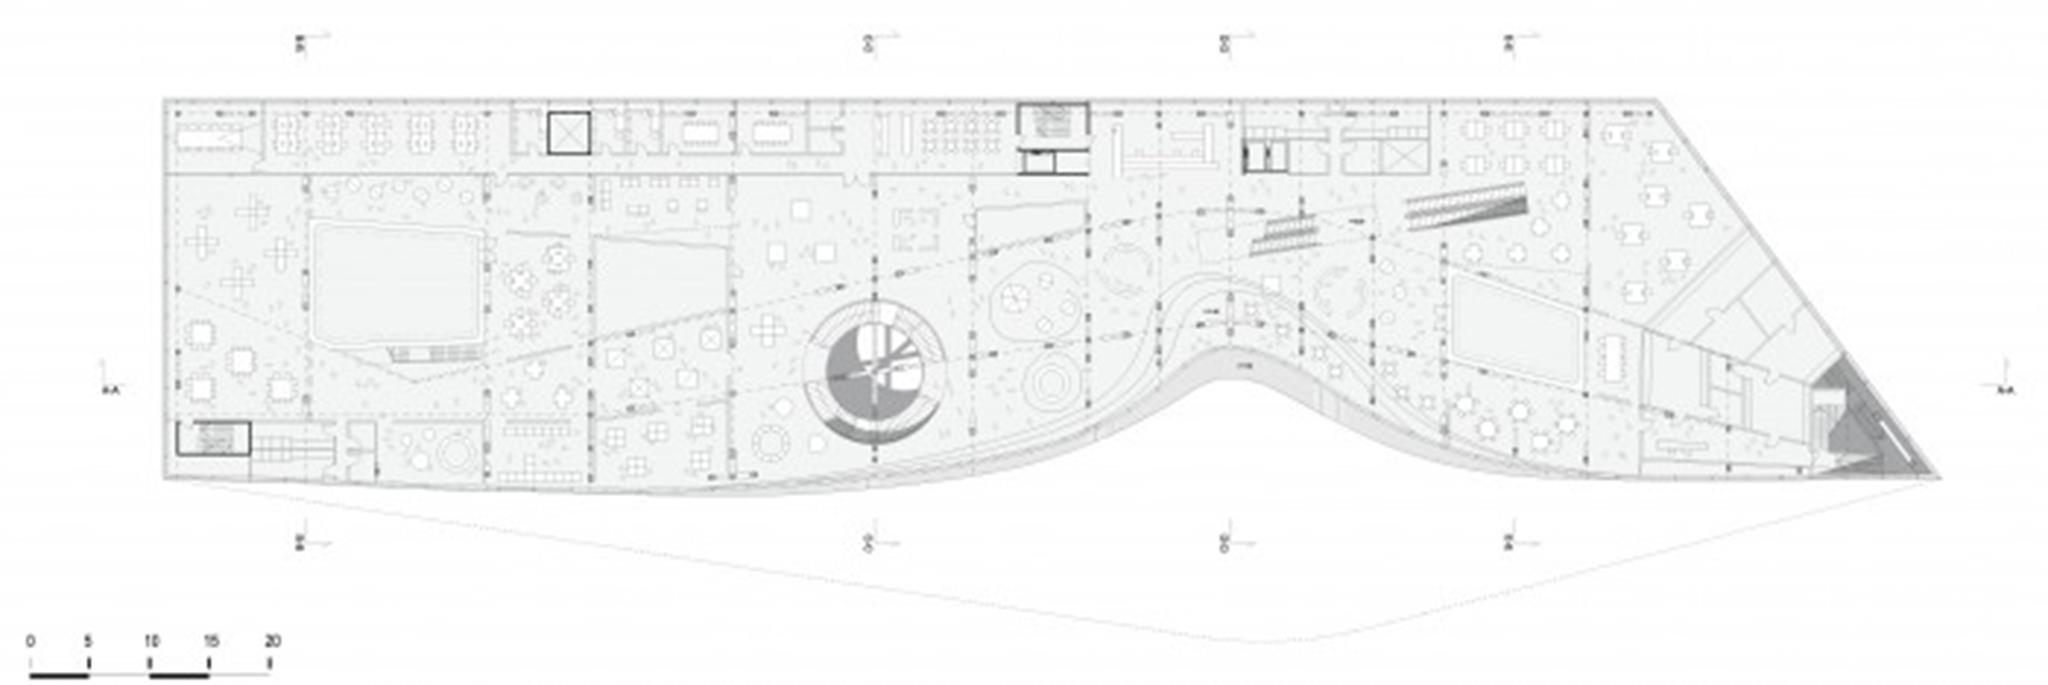 plan_2-Copy.jpg